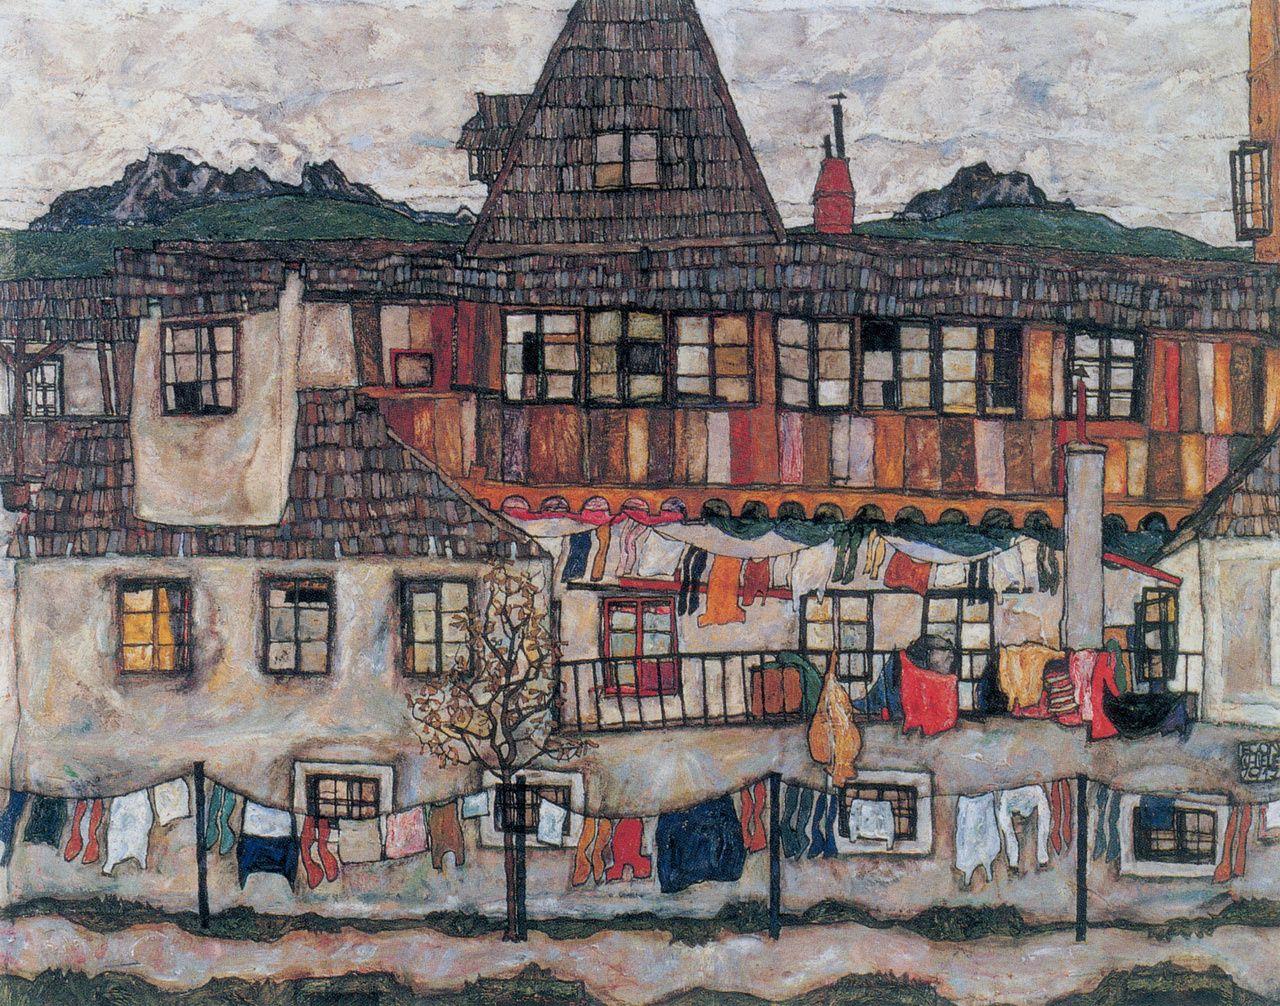 Haus, Naive Malerei, Leben, Wäscheleinen, Expressionismus,  Stadtlandschaften, Kunstwerk, Google Suche, Künstler